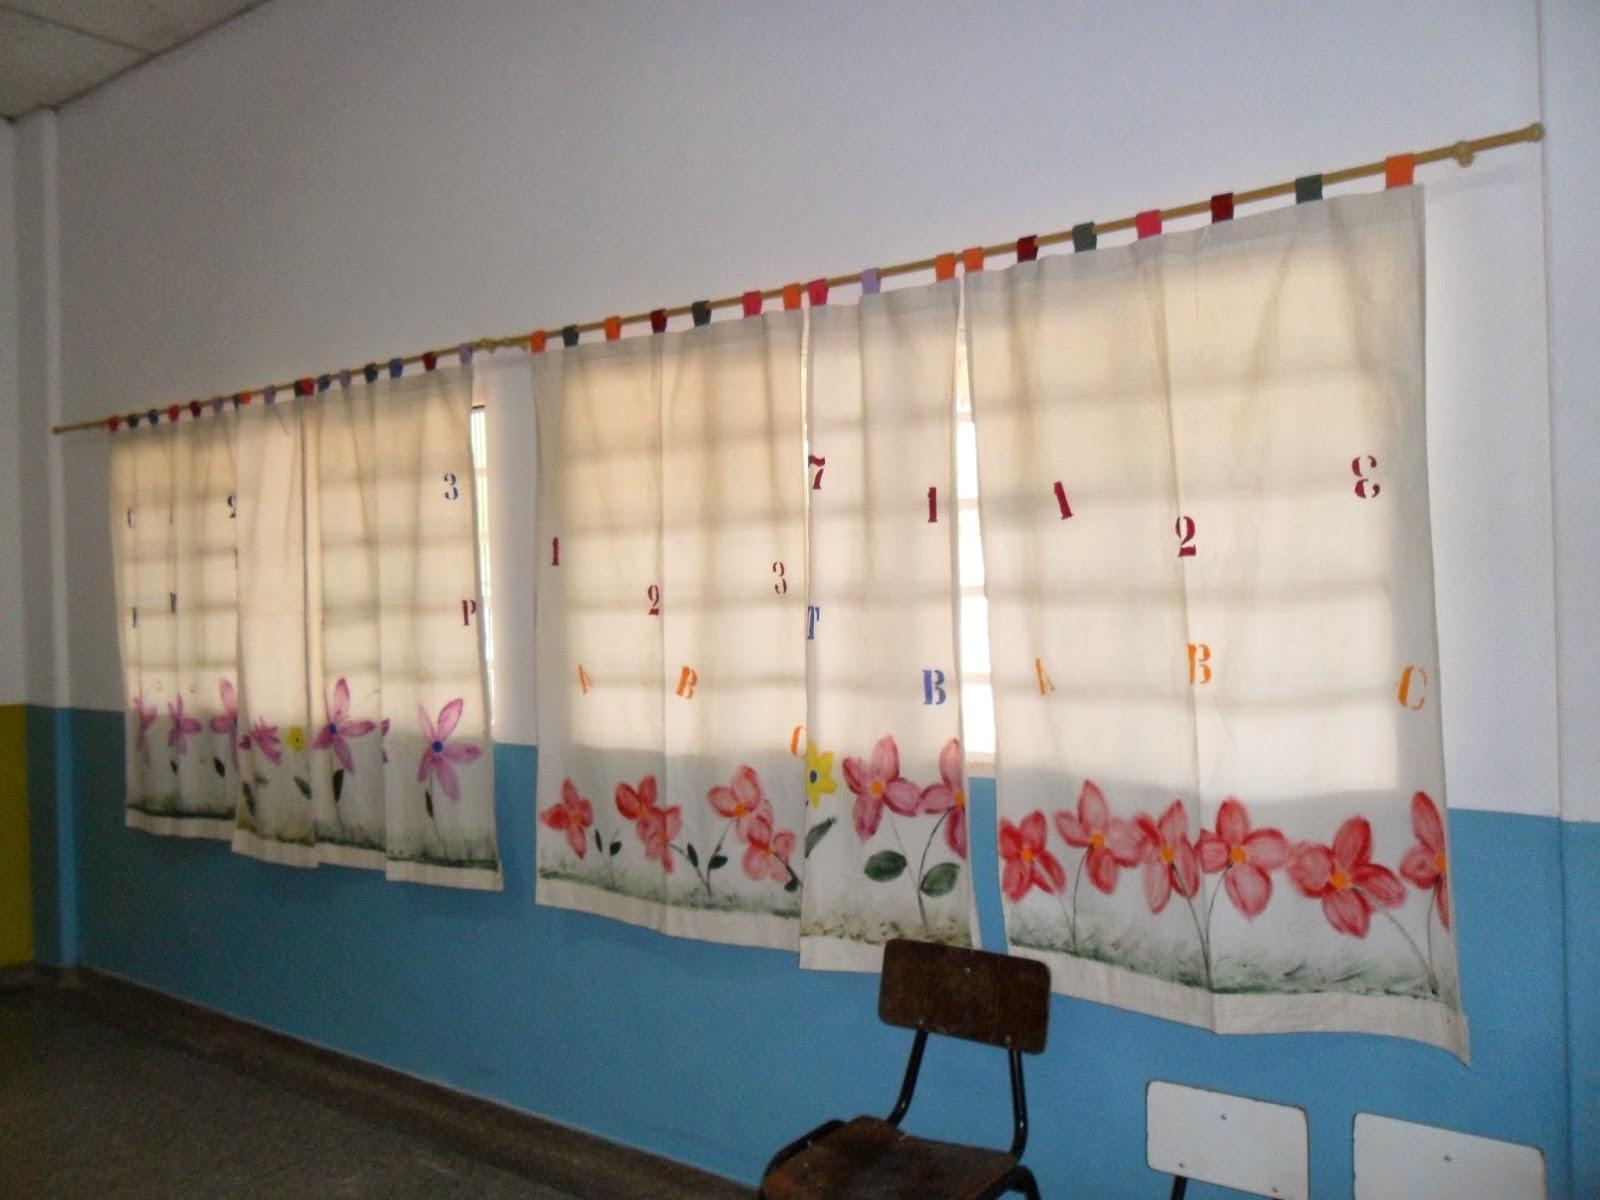 Escola municipal doce saber salas de aula agrad vel for Cortinas para aulas